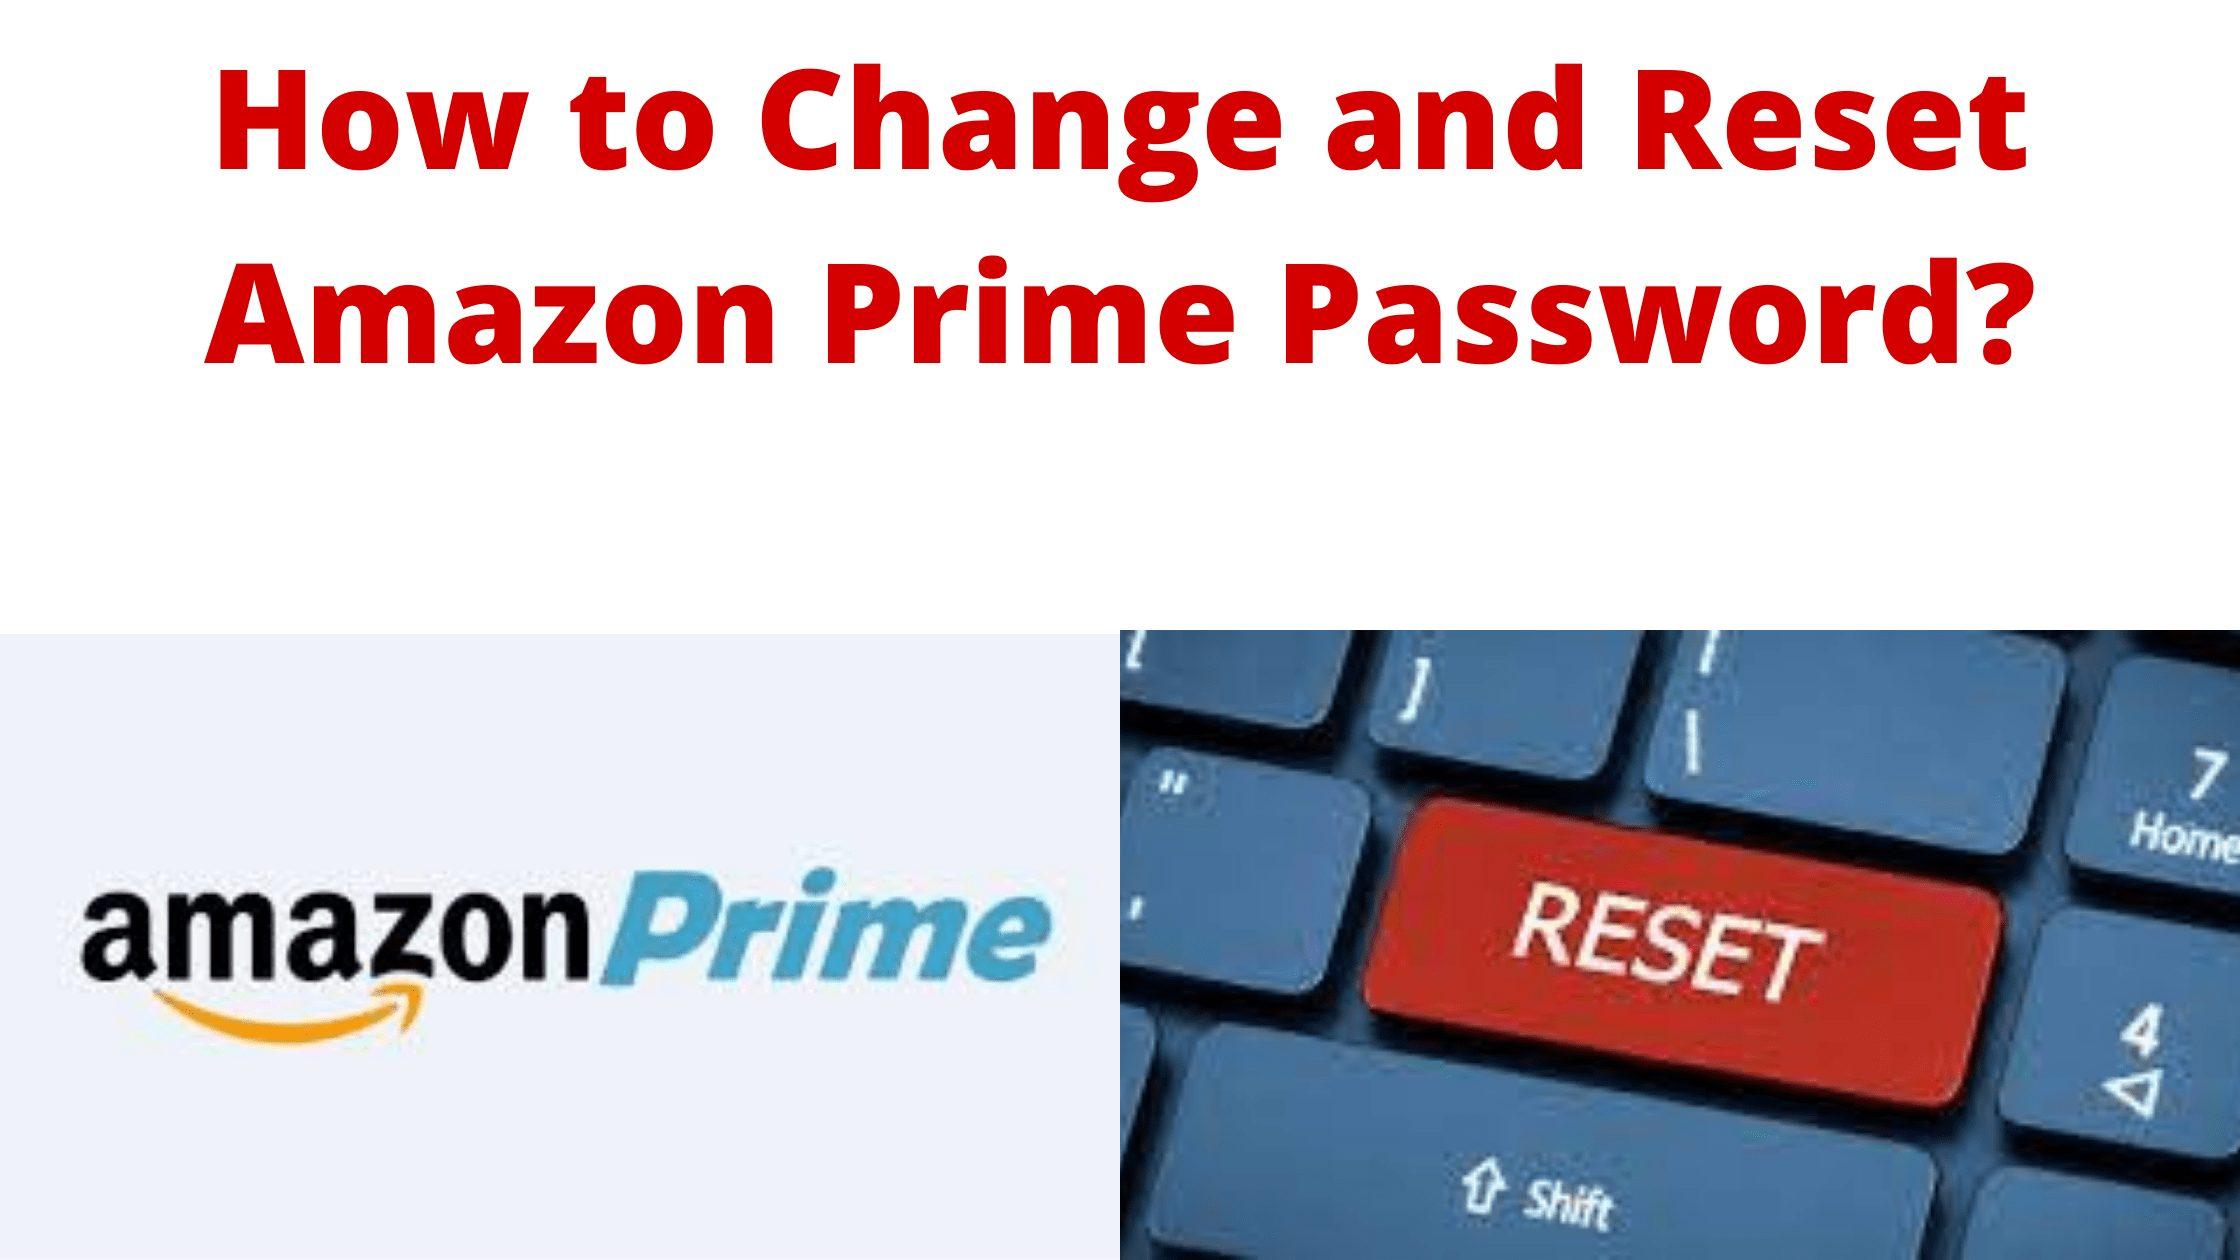 Amazon Prime Password